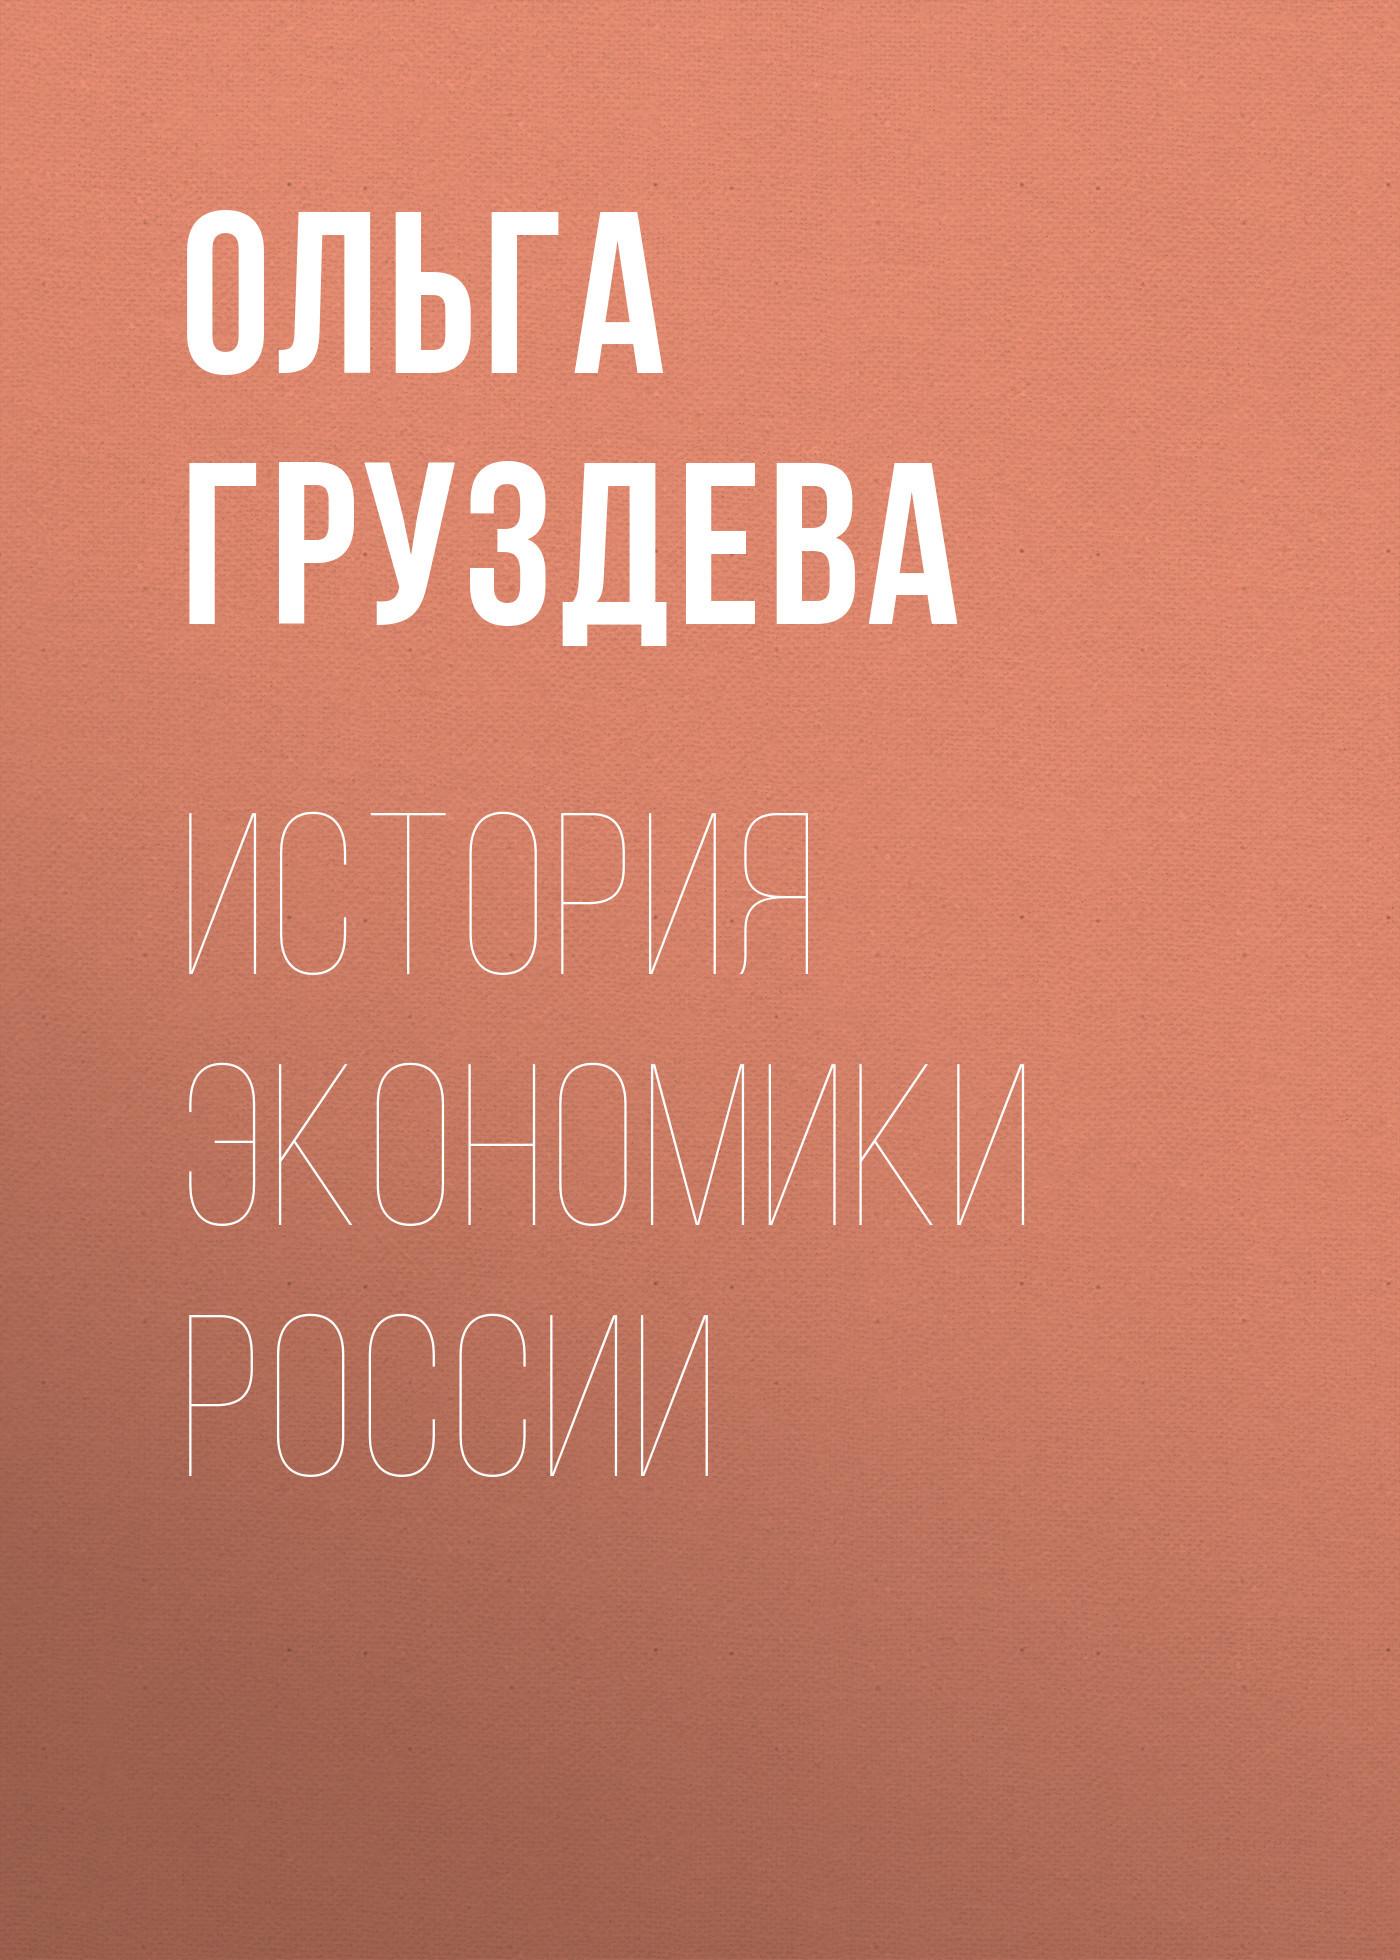 Ольга Груздева История экономики россии диляра тасбулатова у кого в россии больше